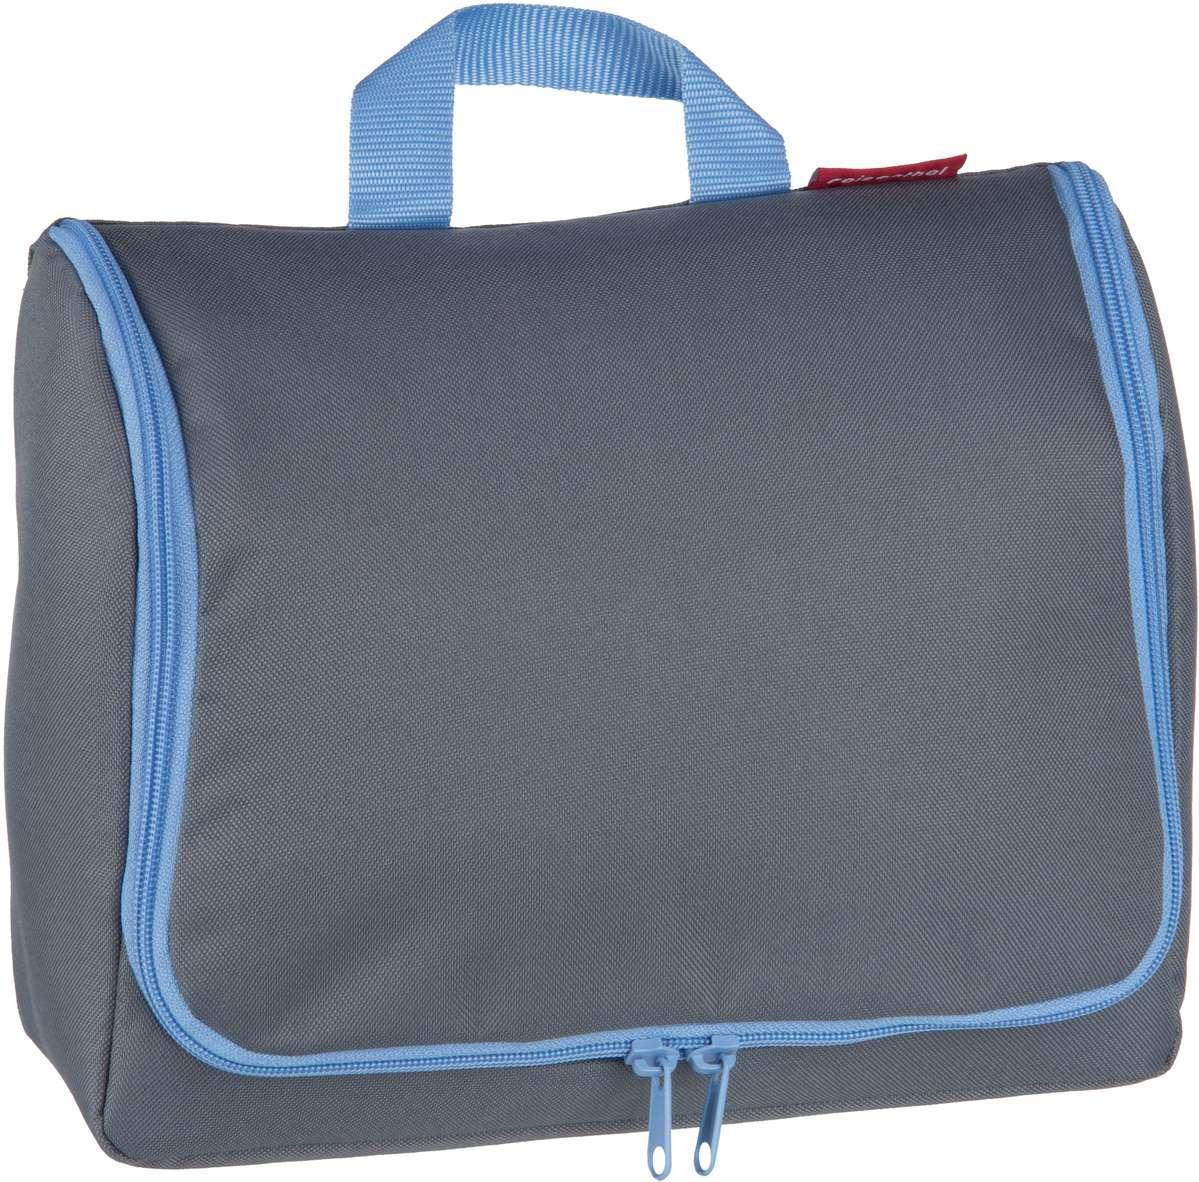 Reisegepaeck für Frauen - reisenthel Kulturbeutel Beauty Case toiletbag XL Basalt (4 Liter)  - Onlineshop Taschenkaufhaus